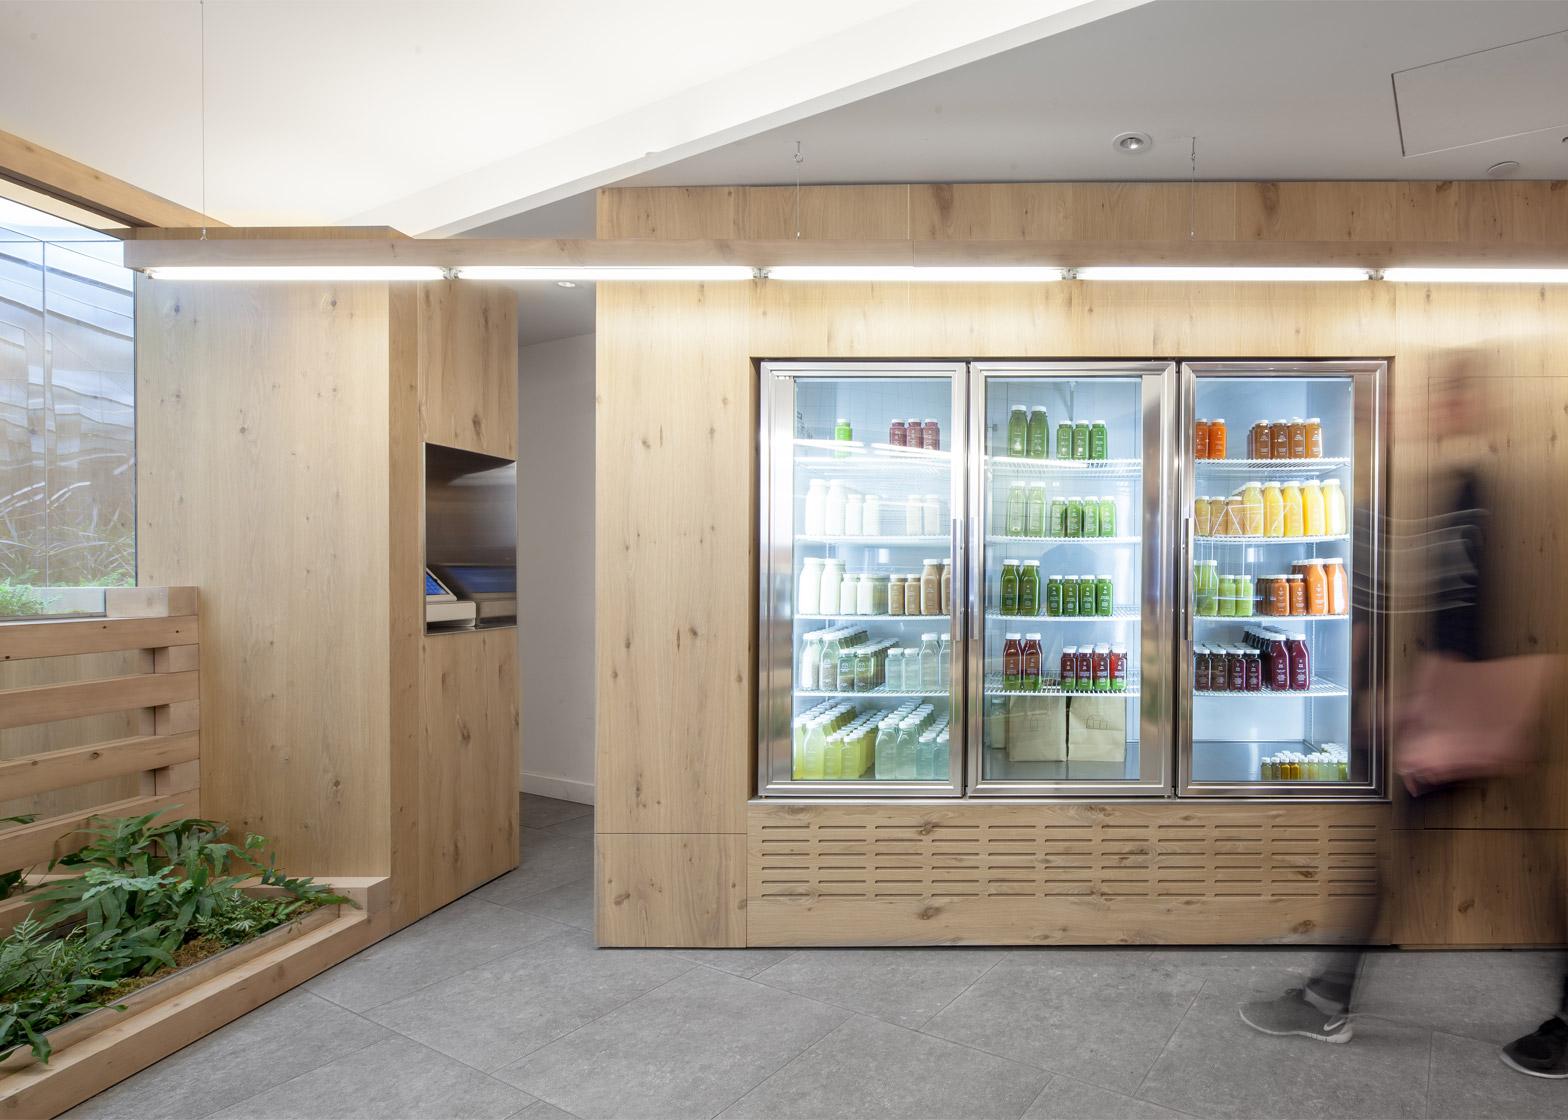 3 Of 5 Grow Op Juice Bar In Toronto By Kilogram Studio